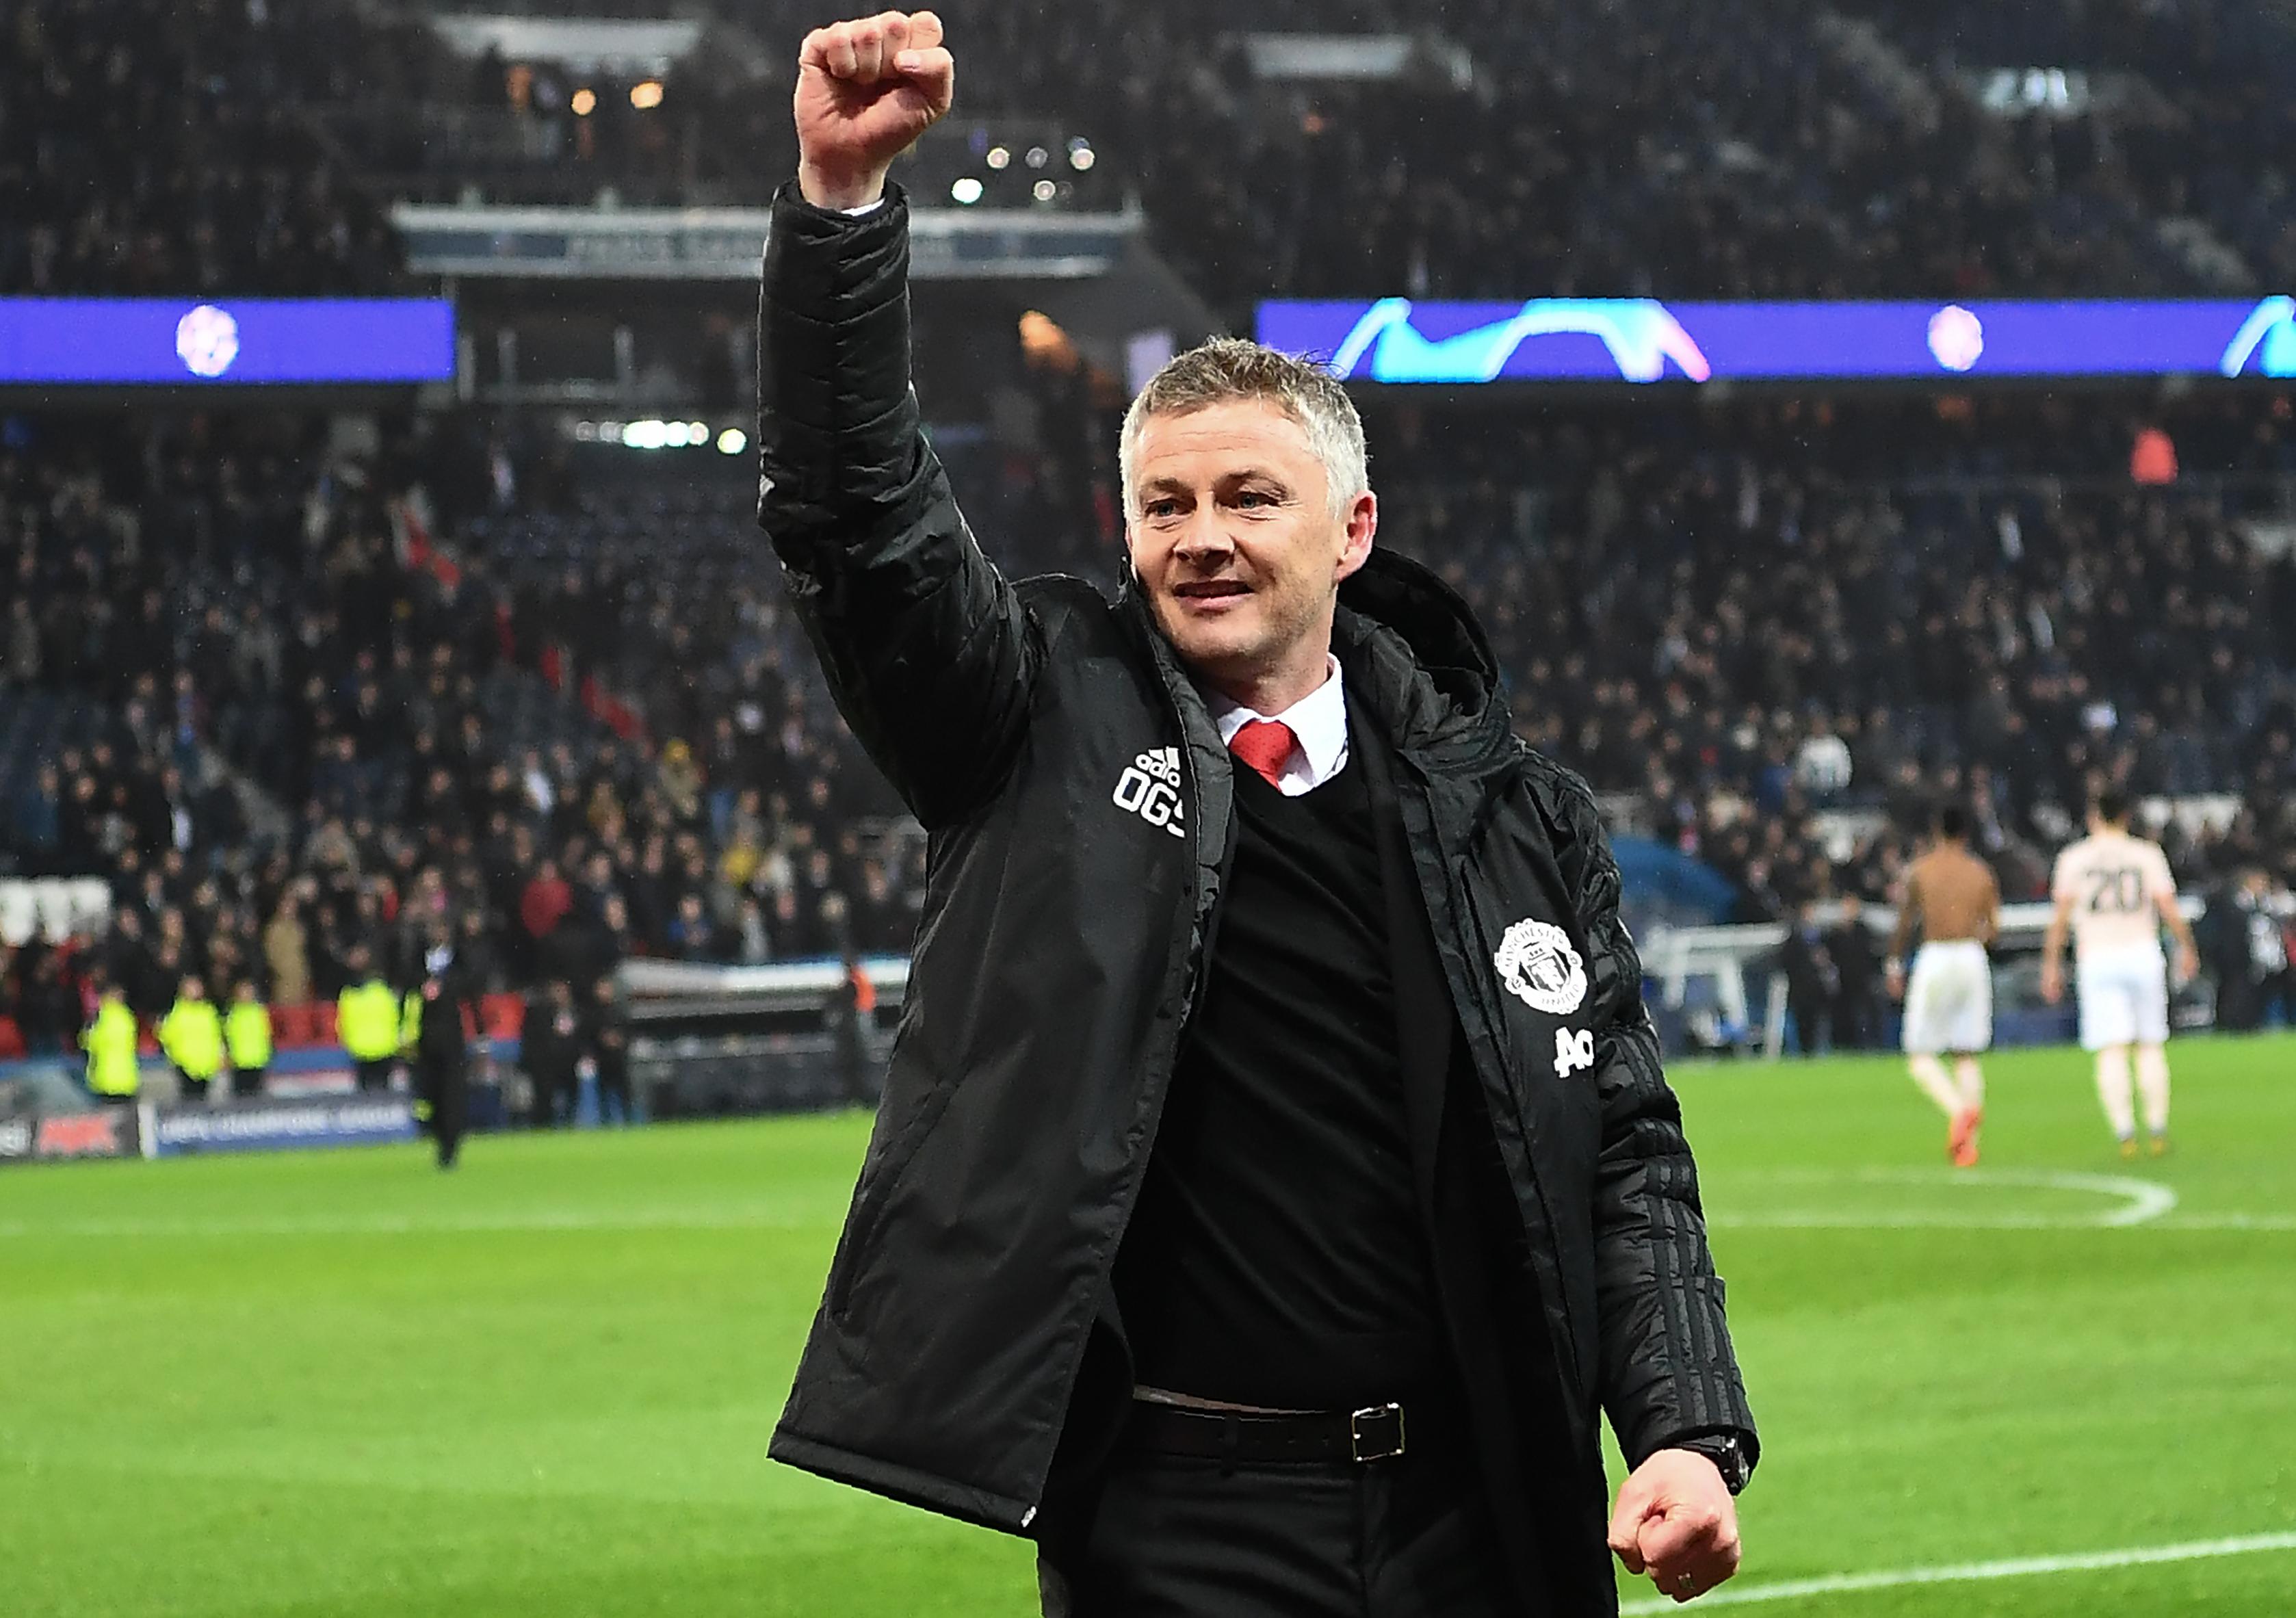 曼聯客場神奇翻盤 淘汰巴黎晉級歐冠八強